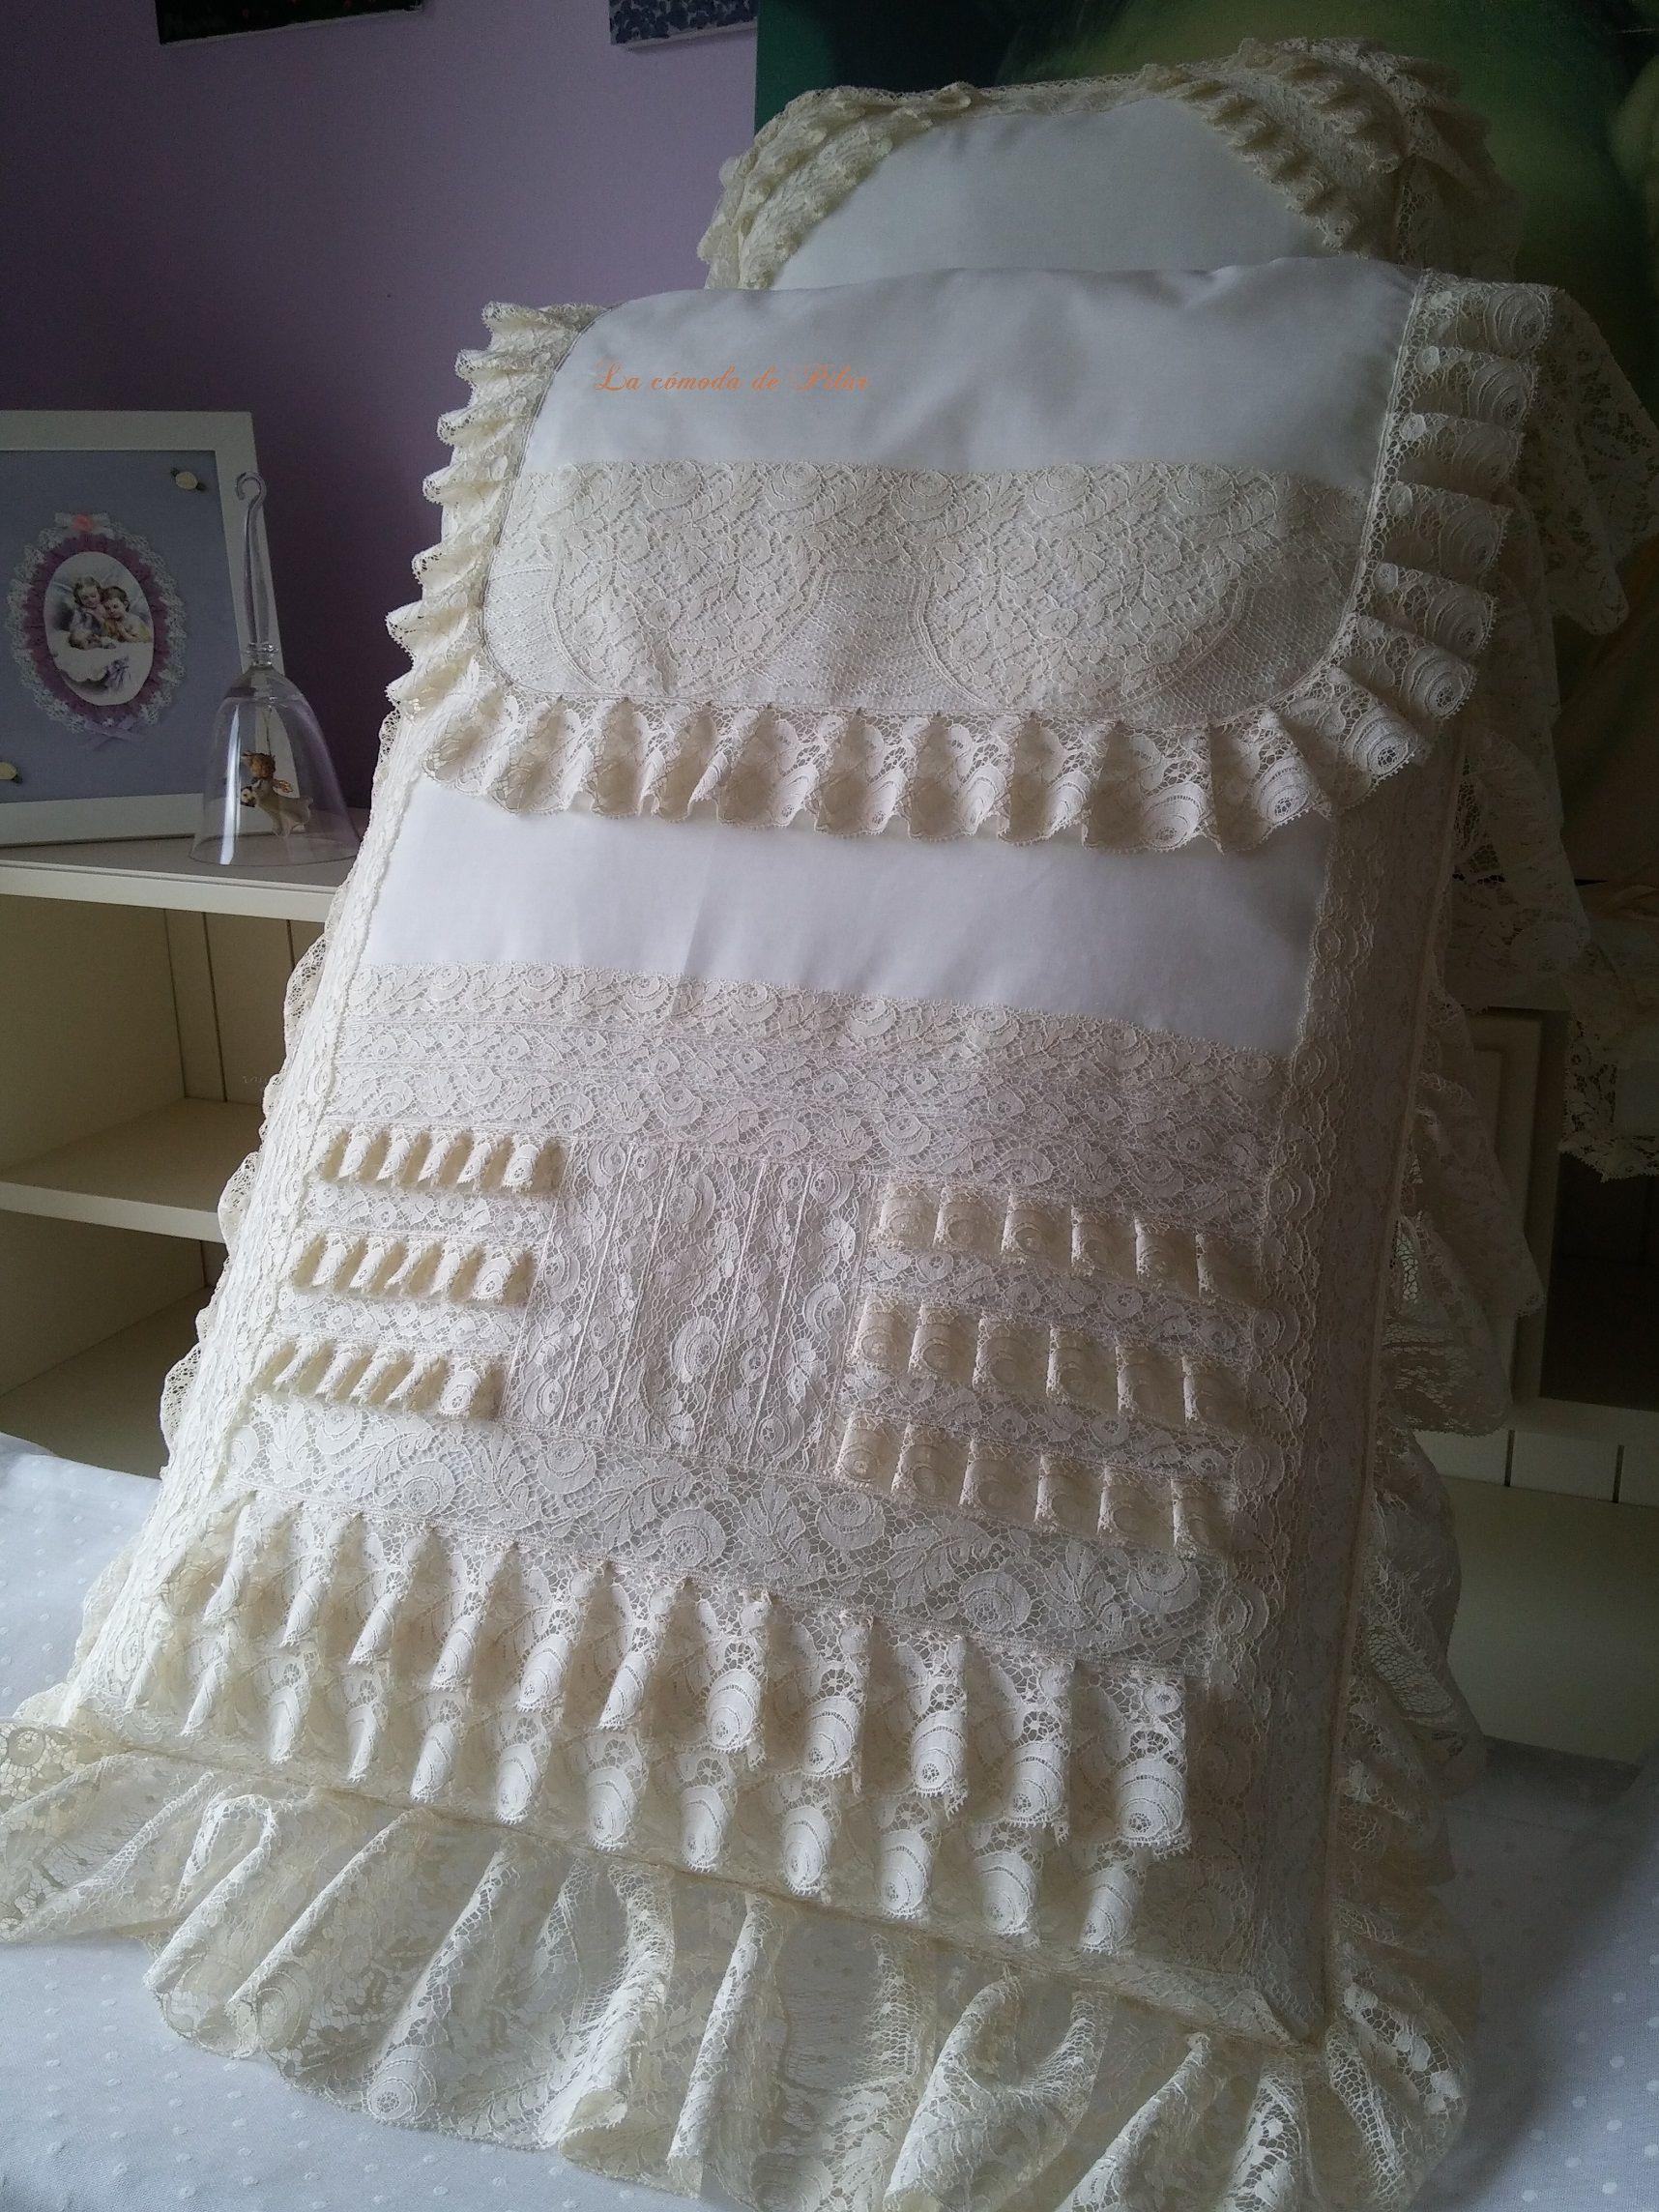 Saco lencero en batista  de organza y encajes de alençon,Diseño y confección propios,, hecho en España http://www.lacomodadepilar.com/ http://lacomodadepilar.blogspot.com.es/ https://www.facebook.com/lacomoda.depilar